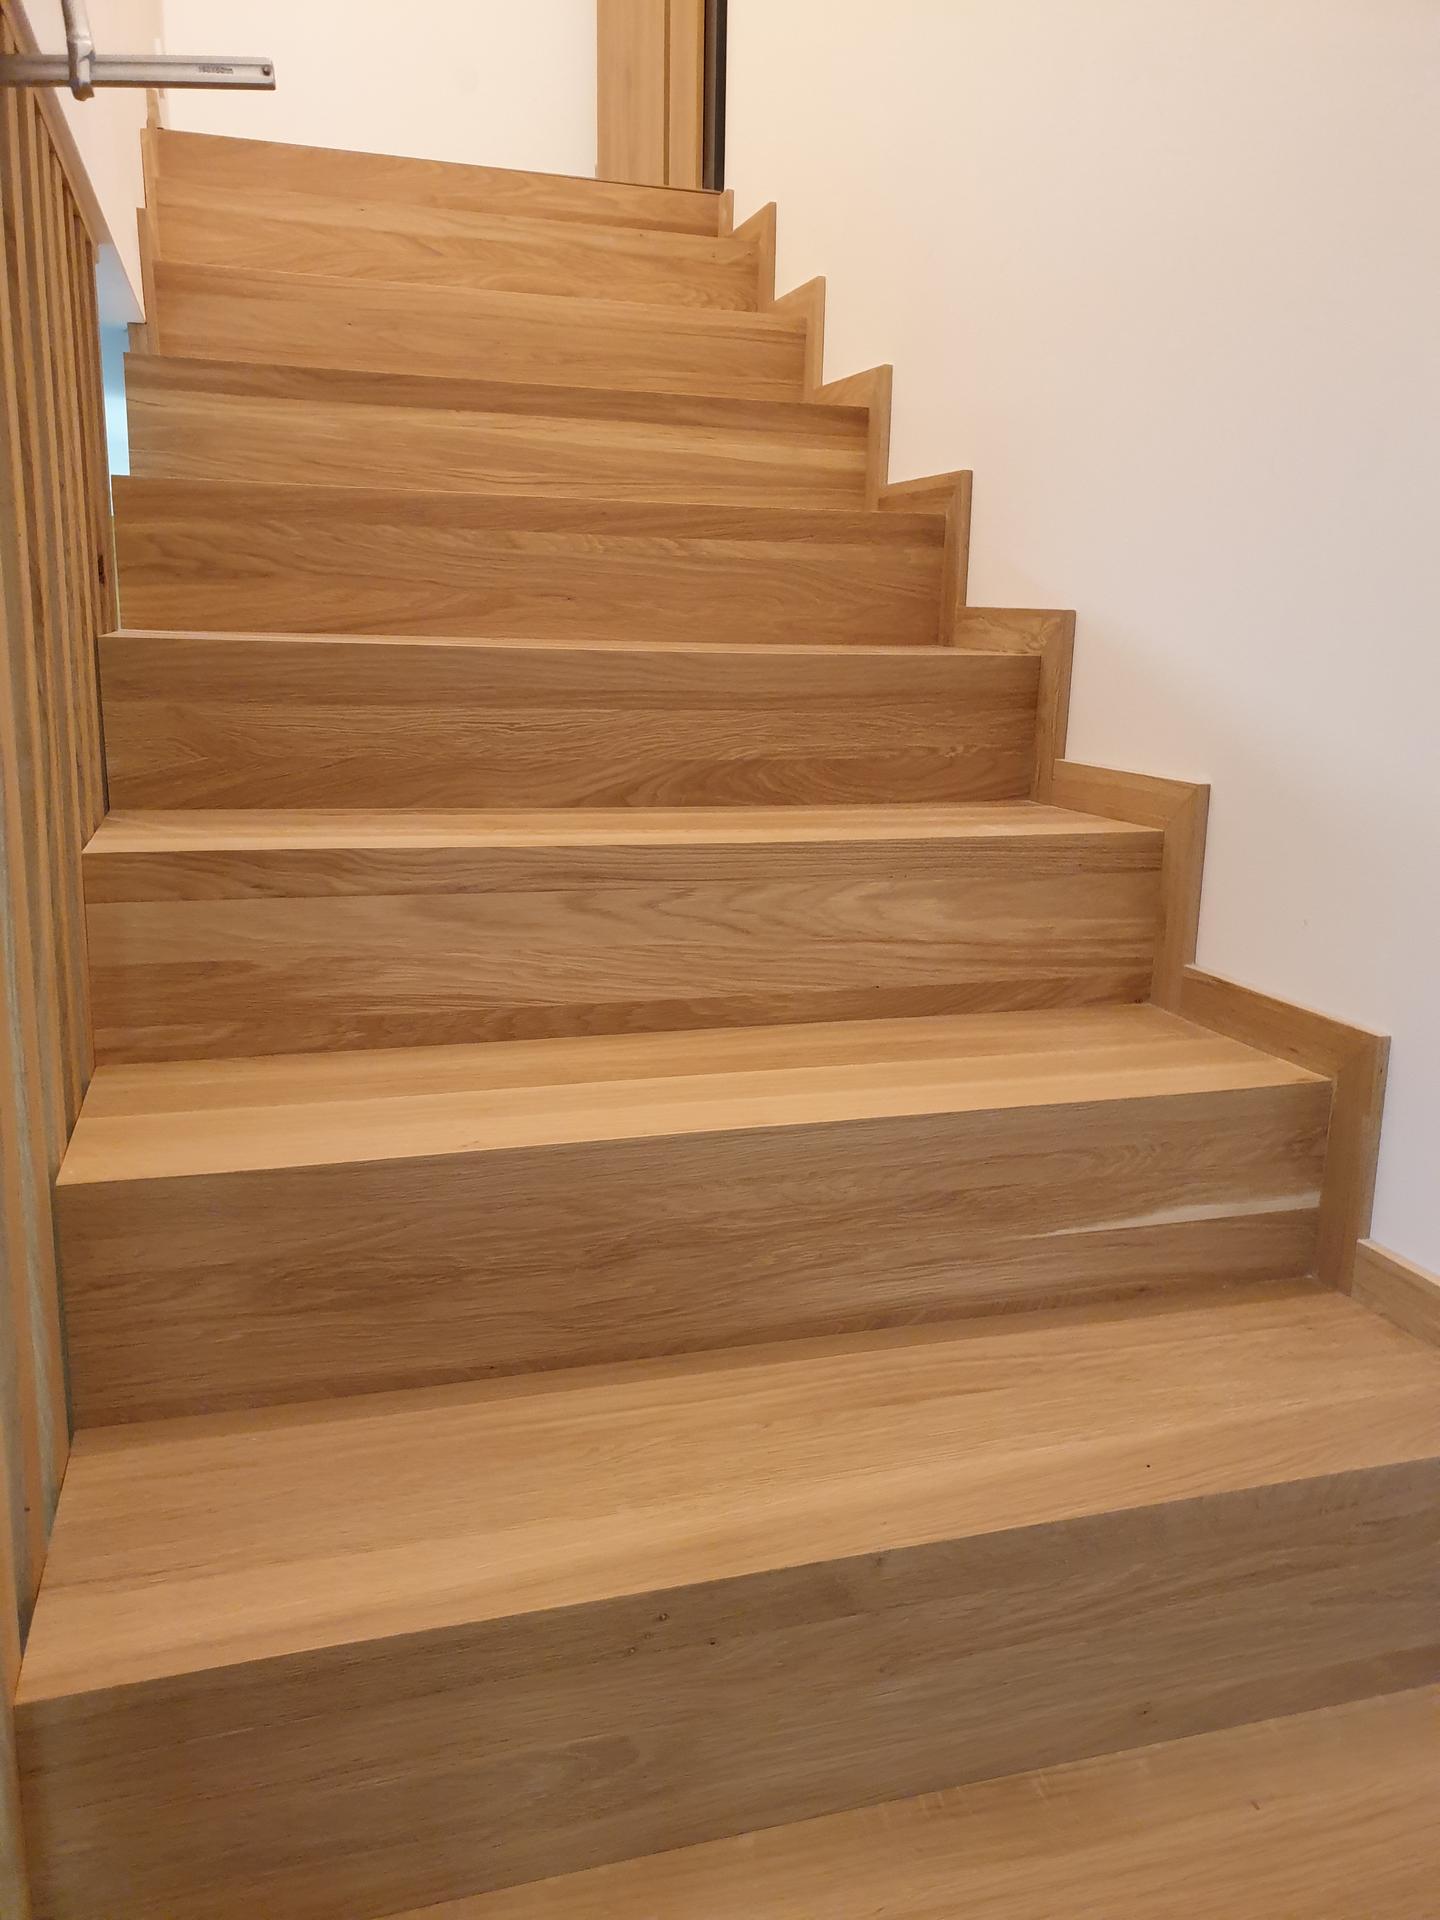 Moderné schodisko - DUB + lamely - Obrázok č. 29